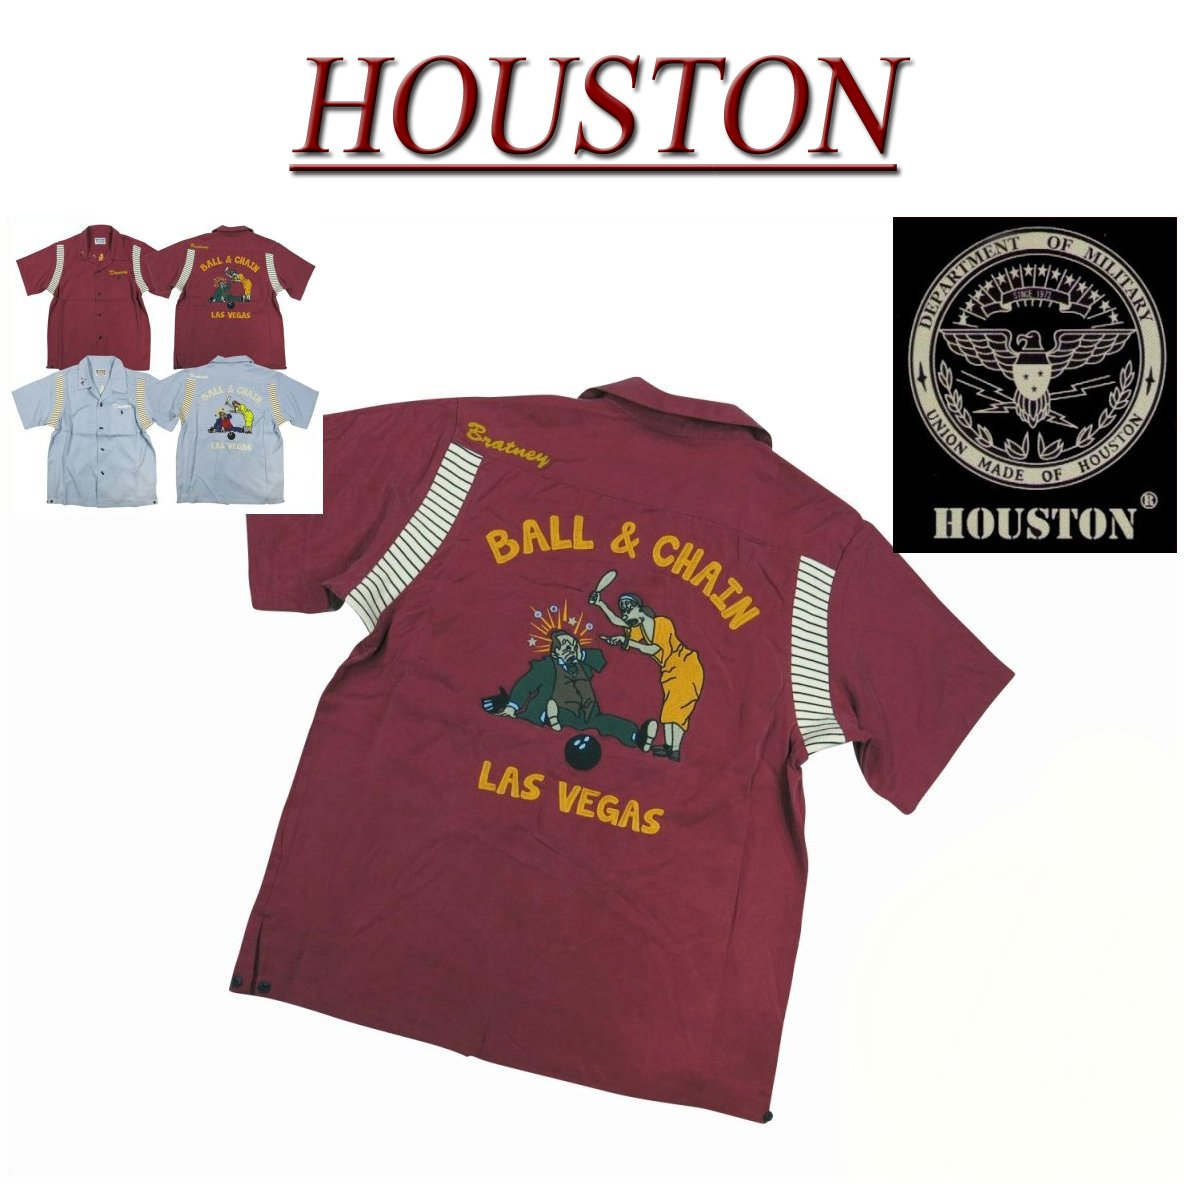 【2色3サイズ】 jc351 新品 HOUSTON チェーン刺繍 半袖 ボーリングシャツ 40381 メンズ ヒューストン S/S BOWLING SHIRT テンセル素材 ボウリングシャツ ワークシャツ アメカジ